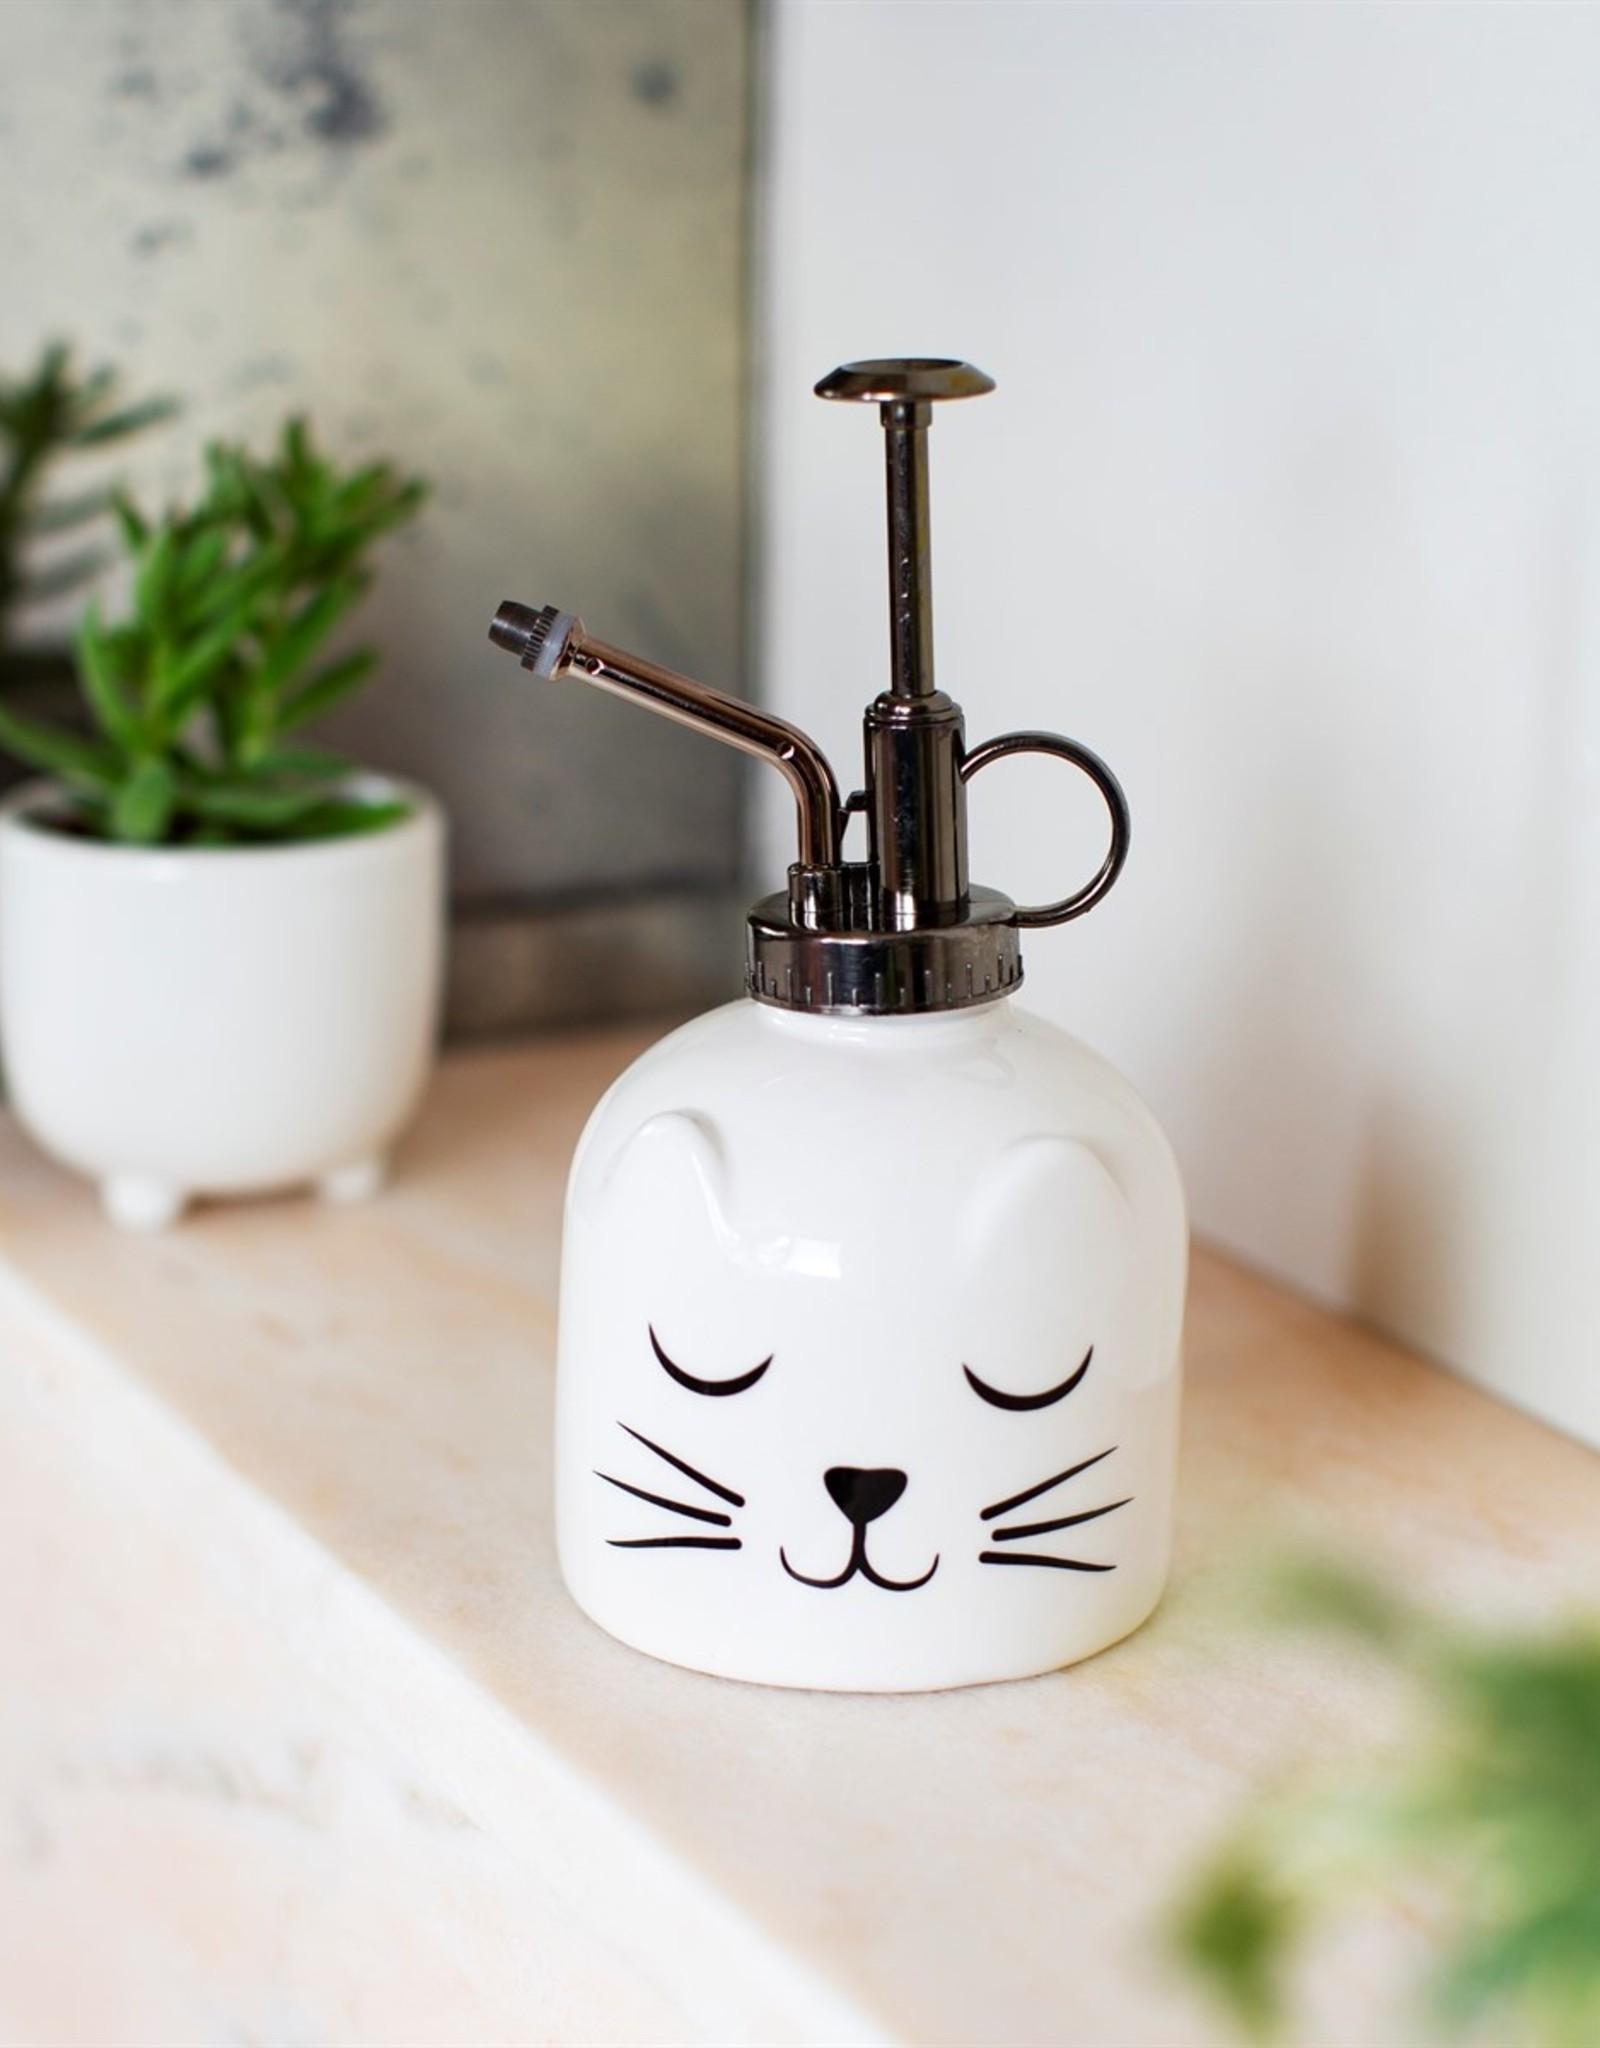 Sass & Belle Sass & Belle Cat's Whiskers plant mister